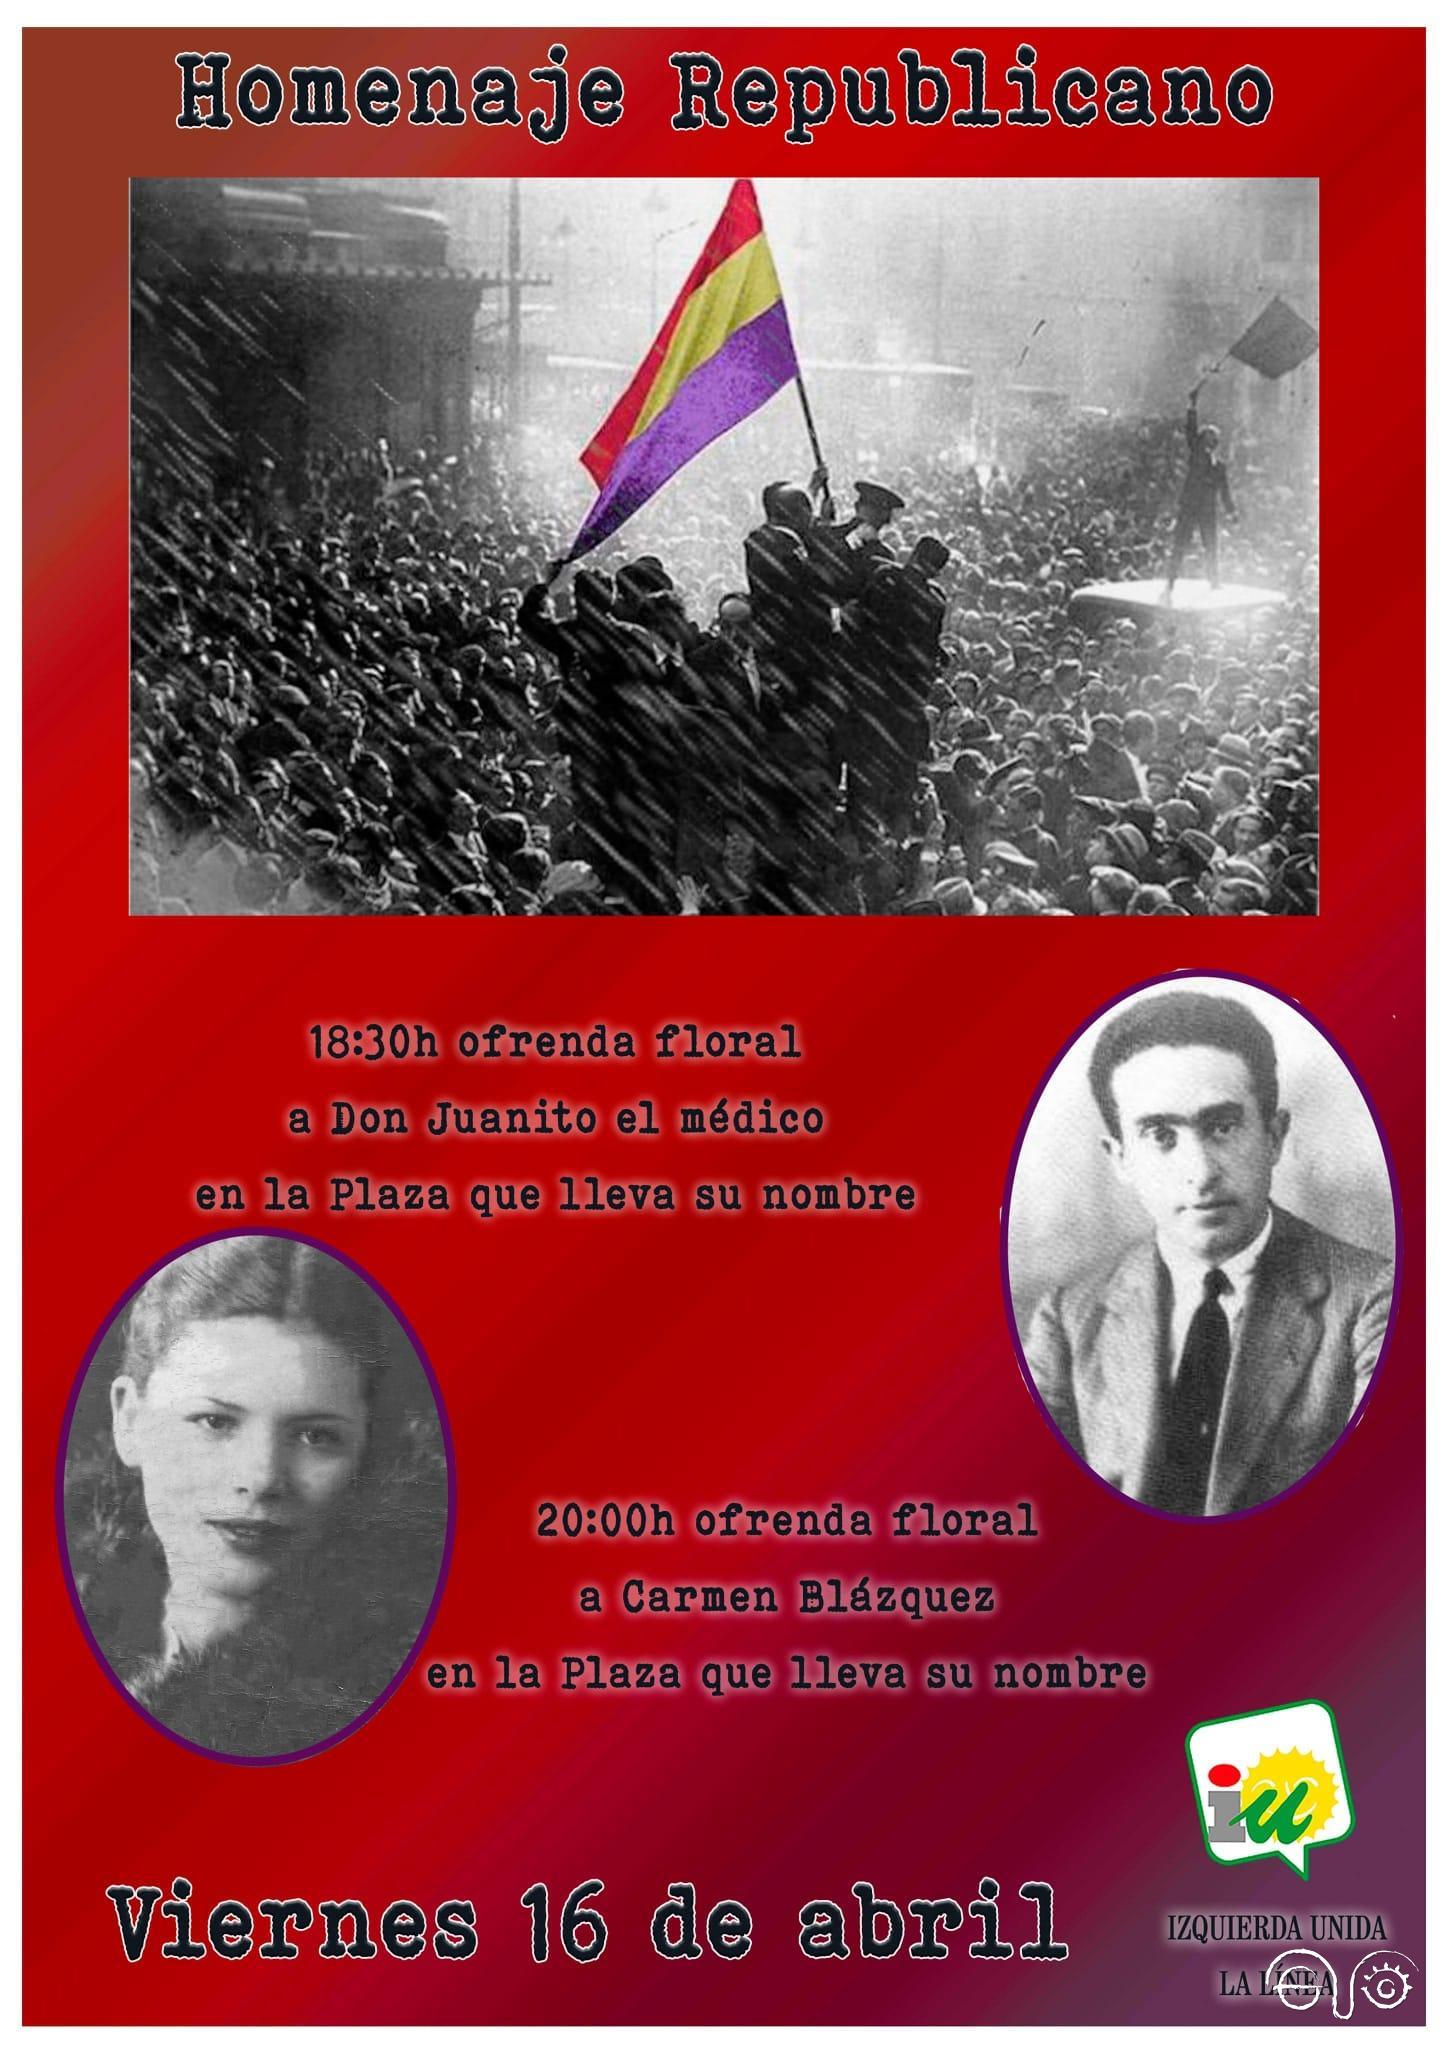 Cartel del homenaje republicano en La Línea.